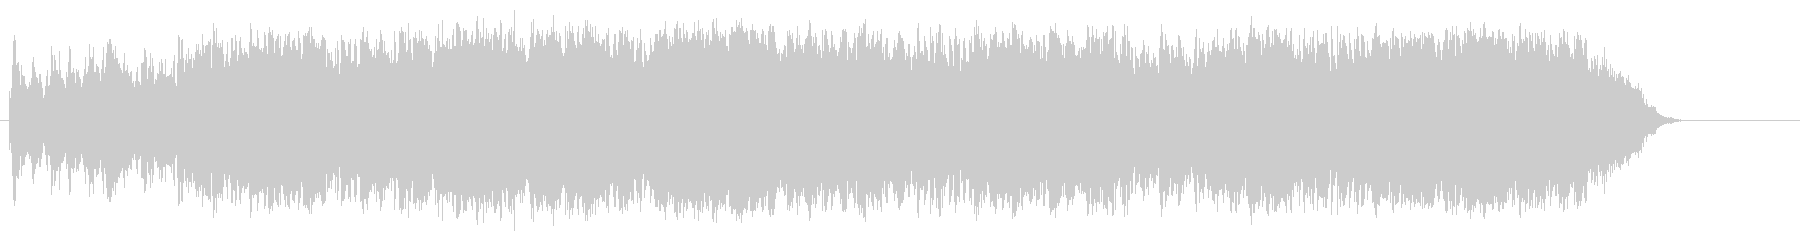 重厚なマイナードキュメント/オーケストラの未再生の波形